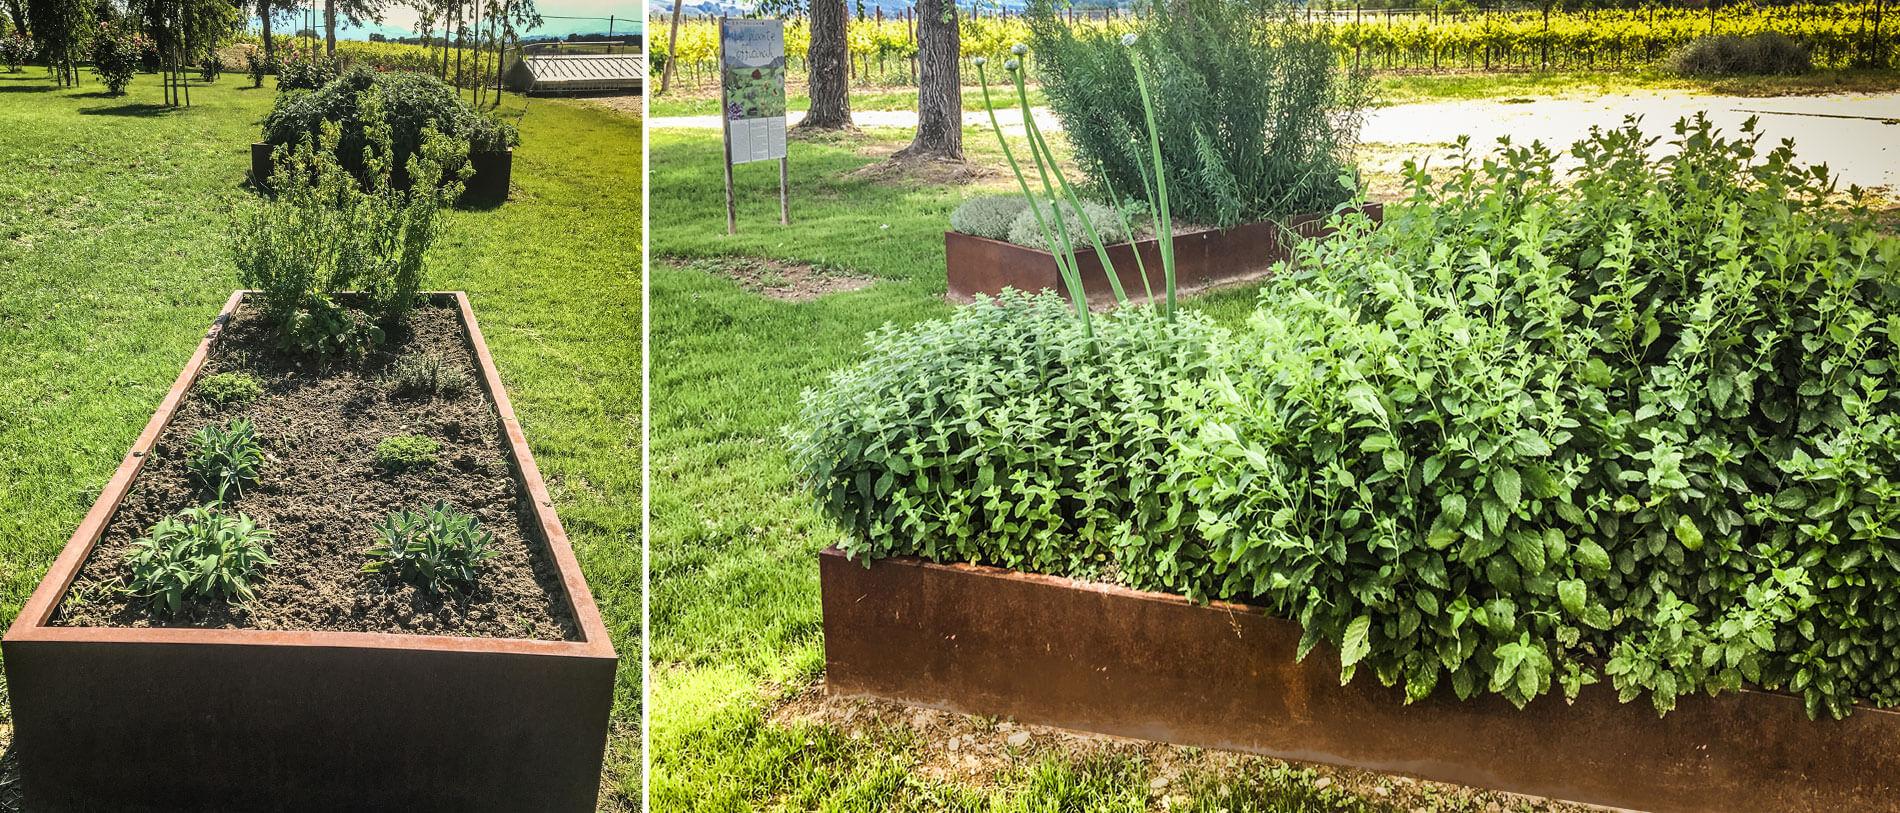 bordure-giardino-di-forma-rettangolare